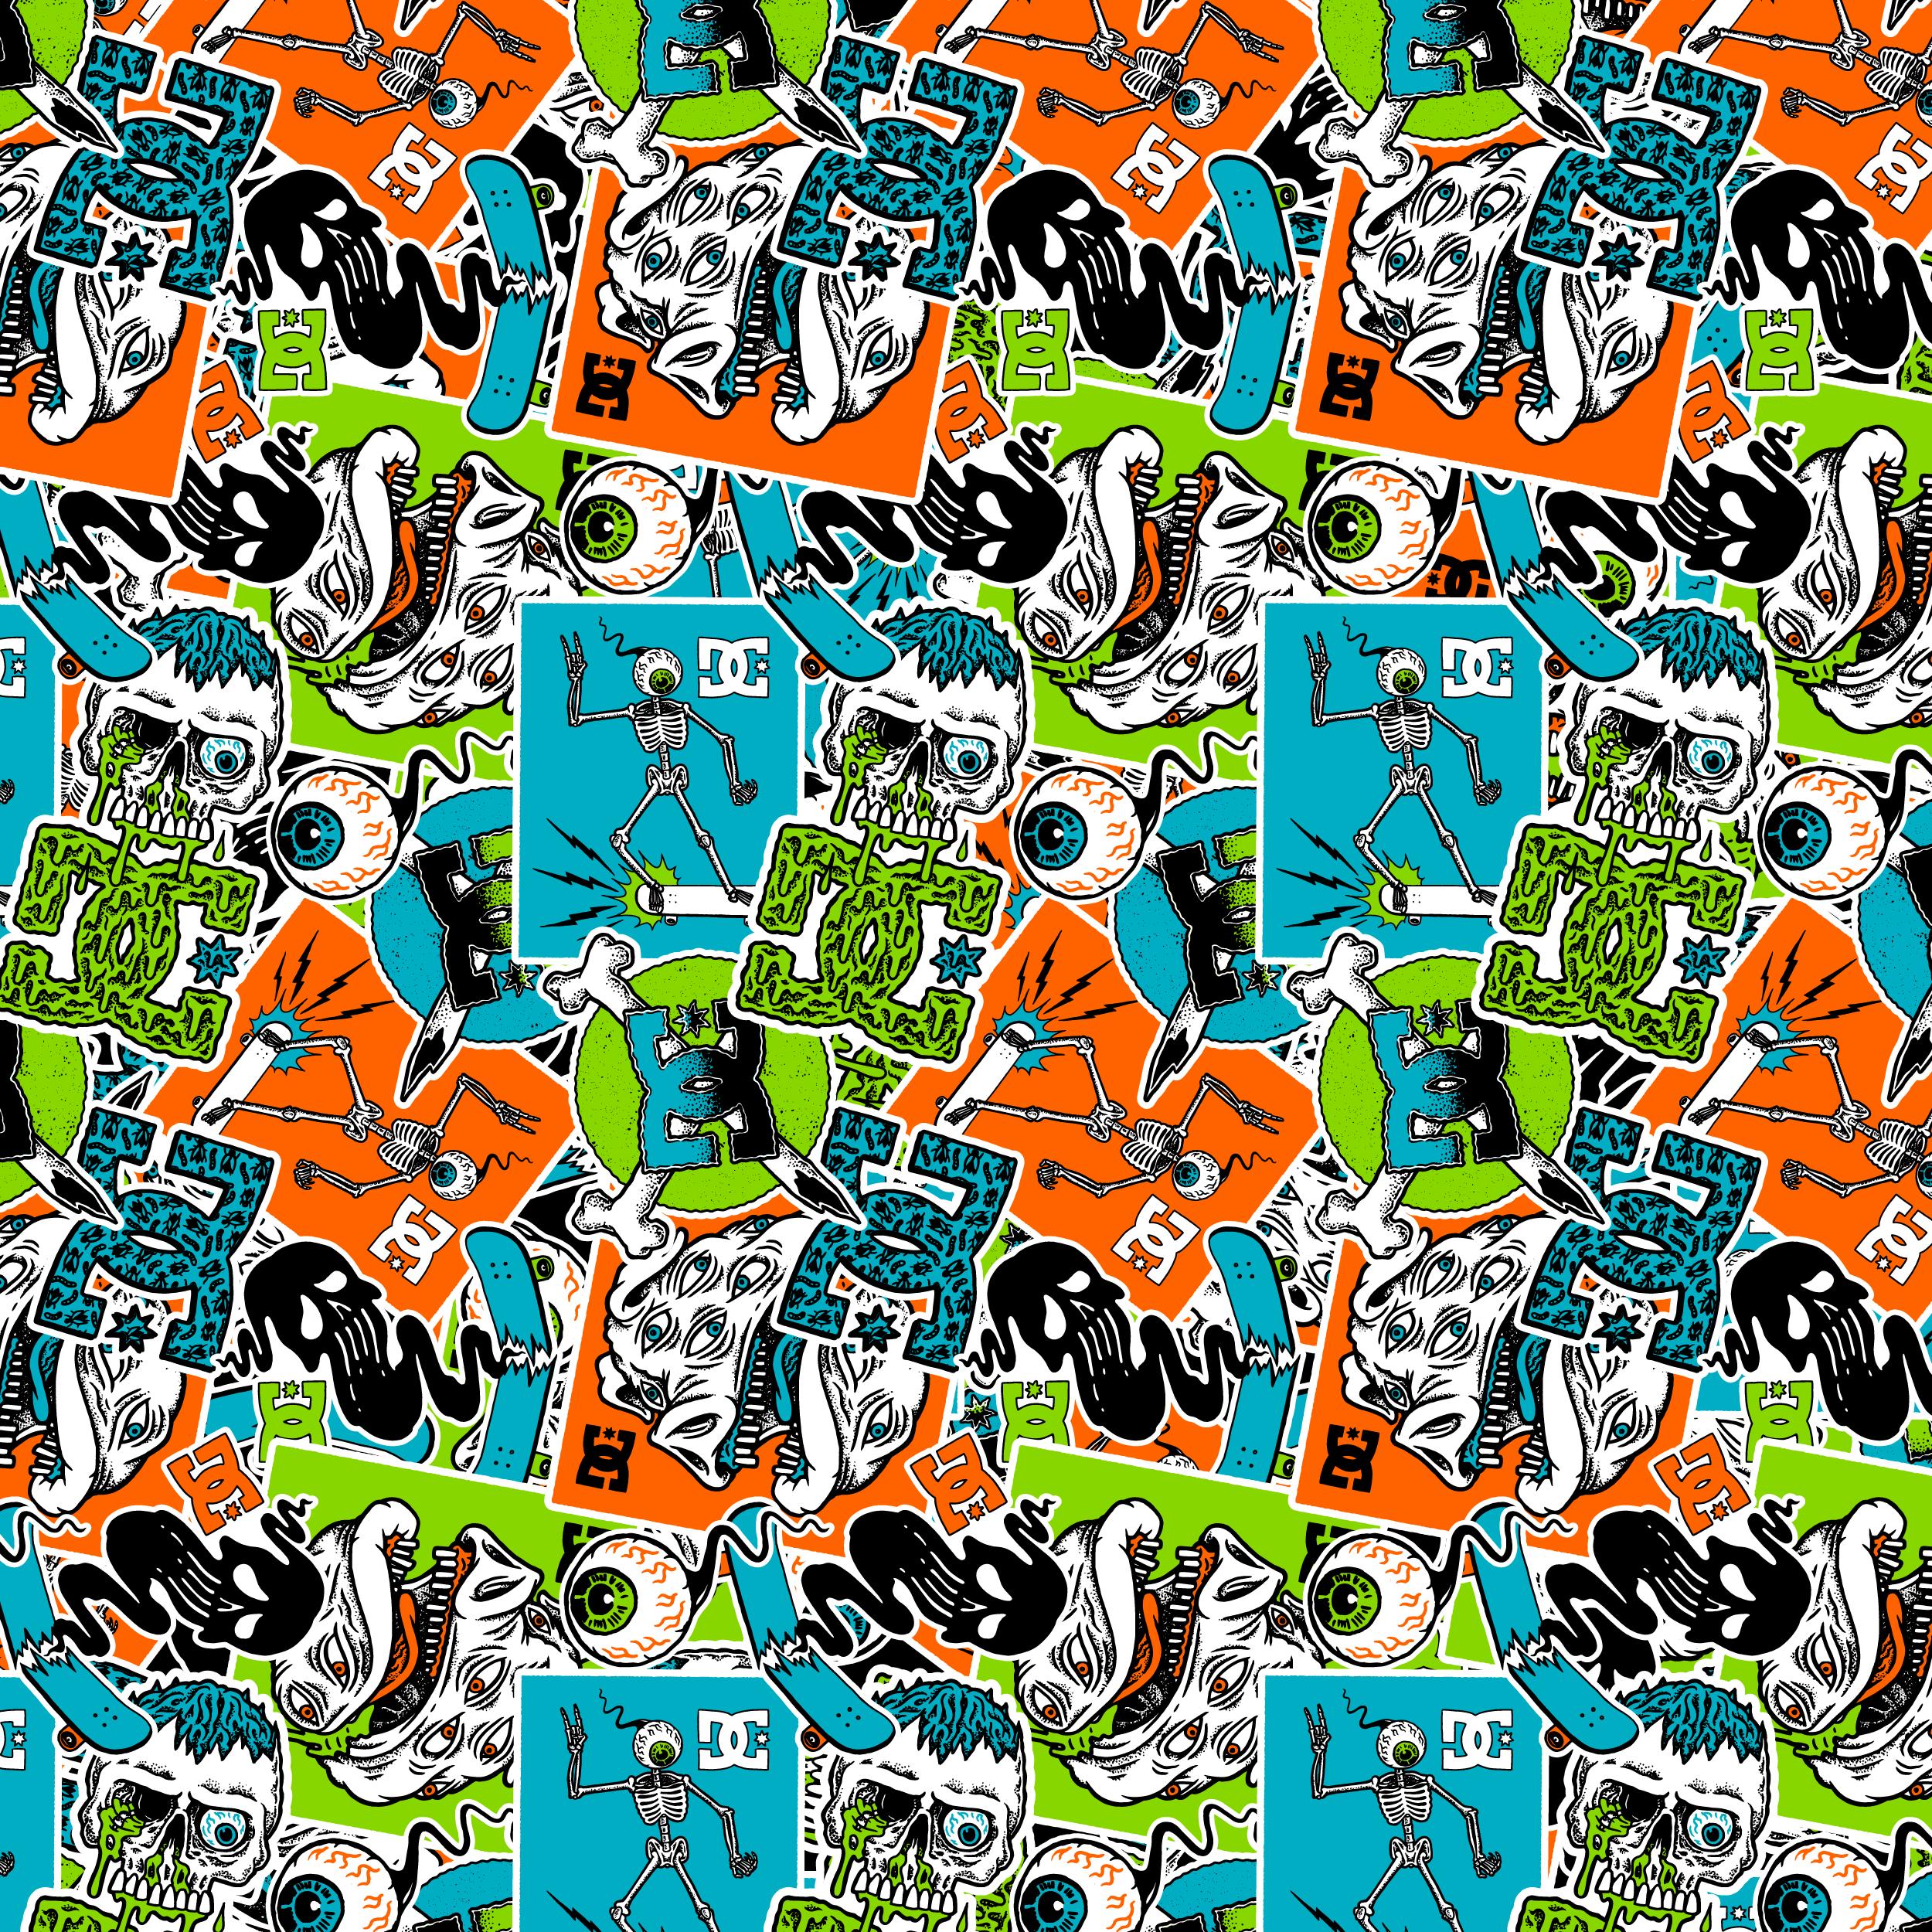 Pattern Design, Illustrations for DC Shoe Co.